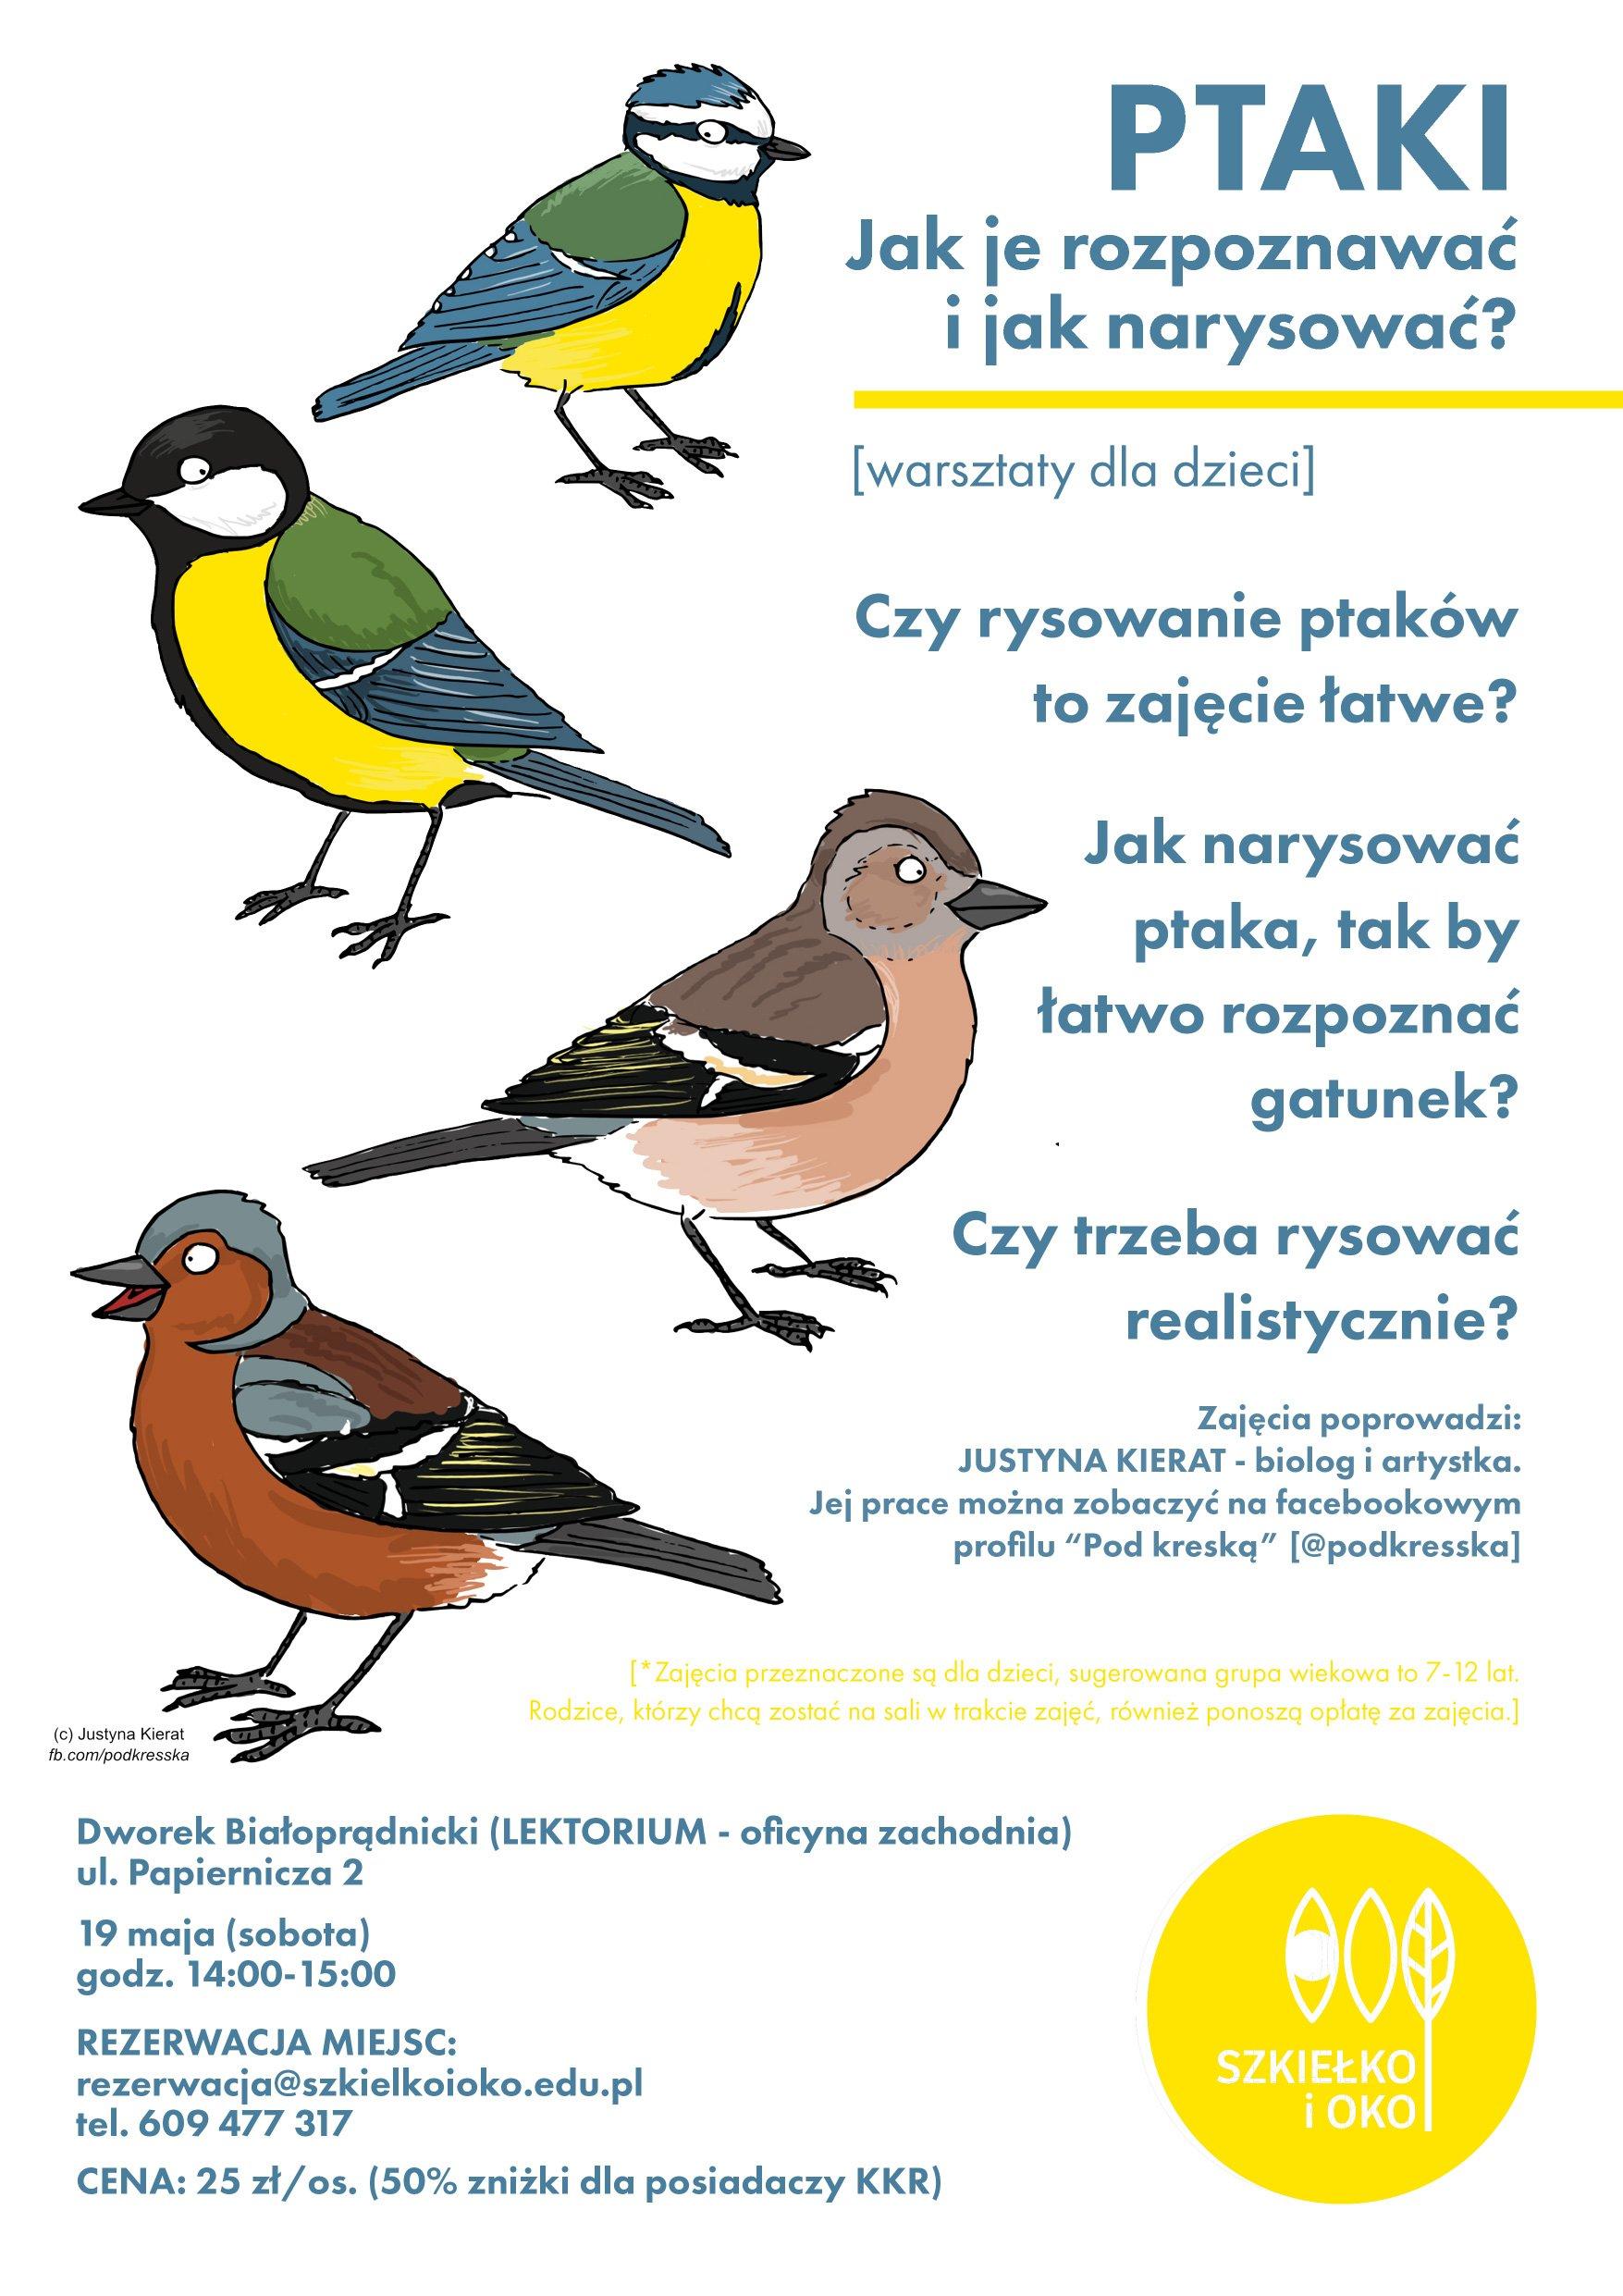 Ptaki - jak je rozpoznawać? Warsztaty przyrodnicze ze Szkiełkiem i Okiem